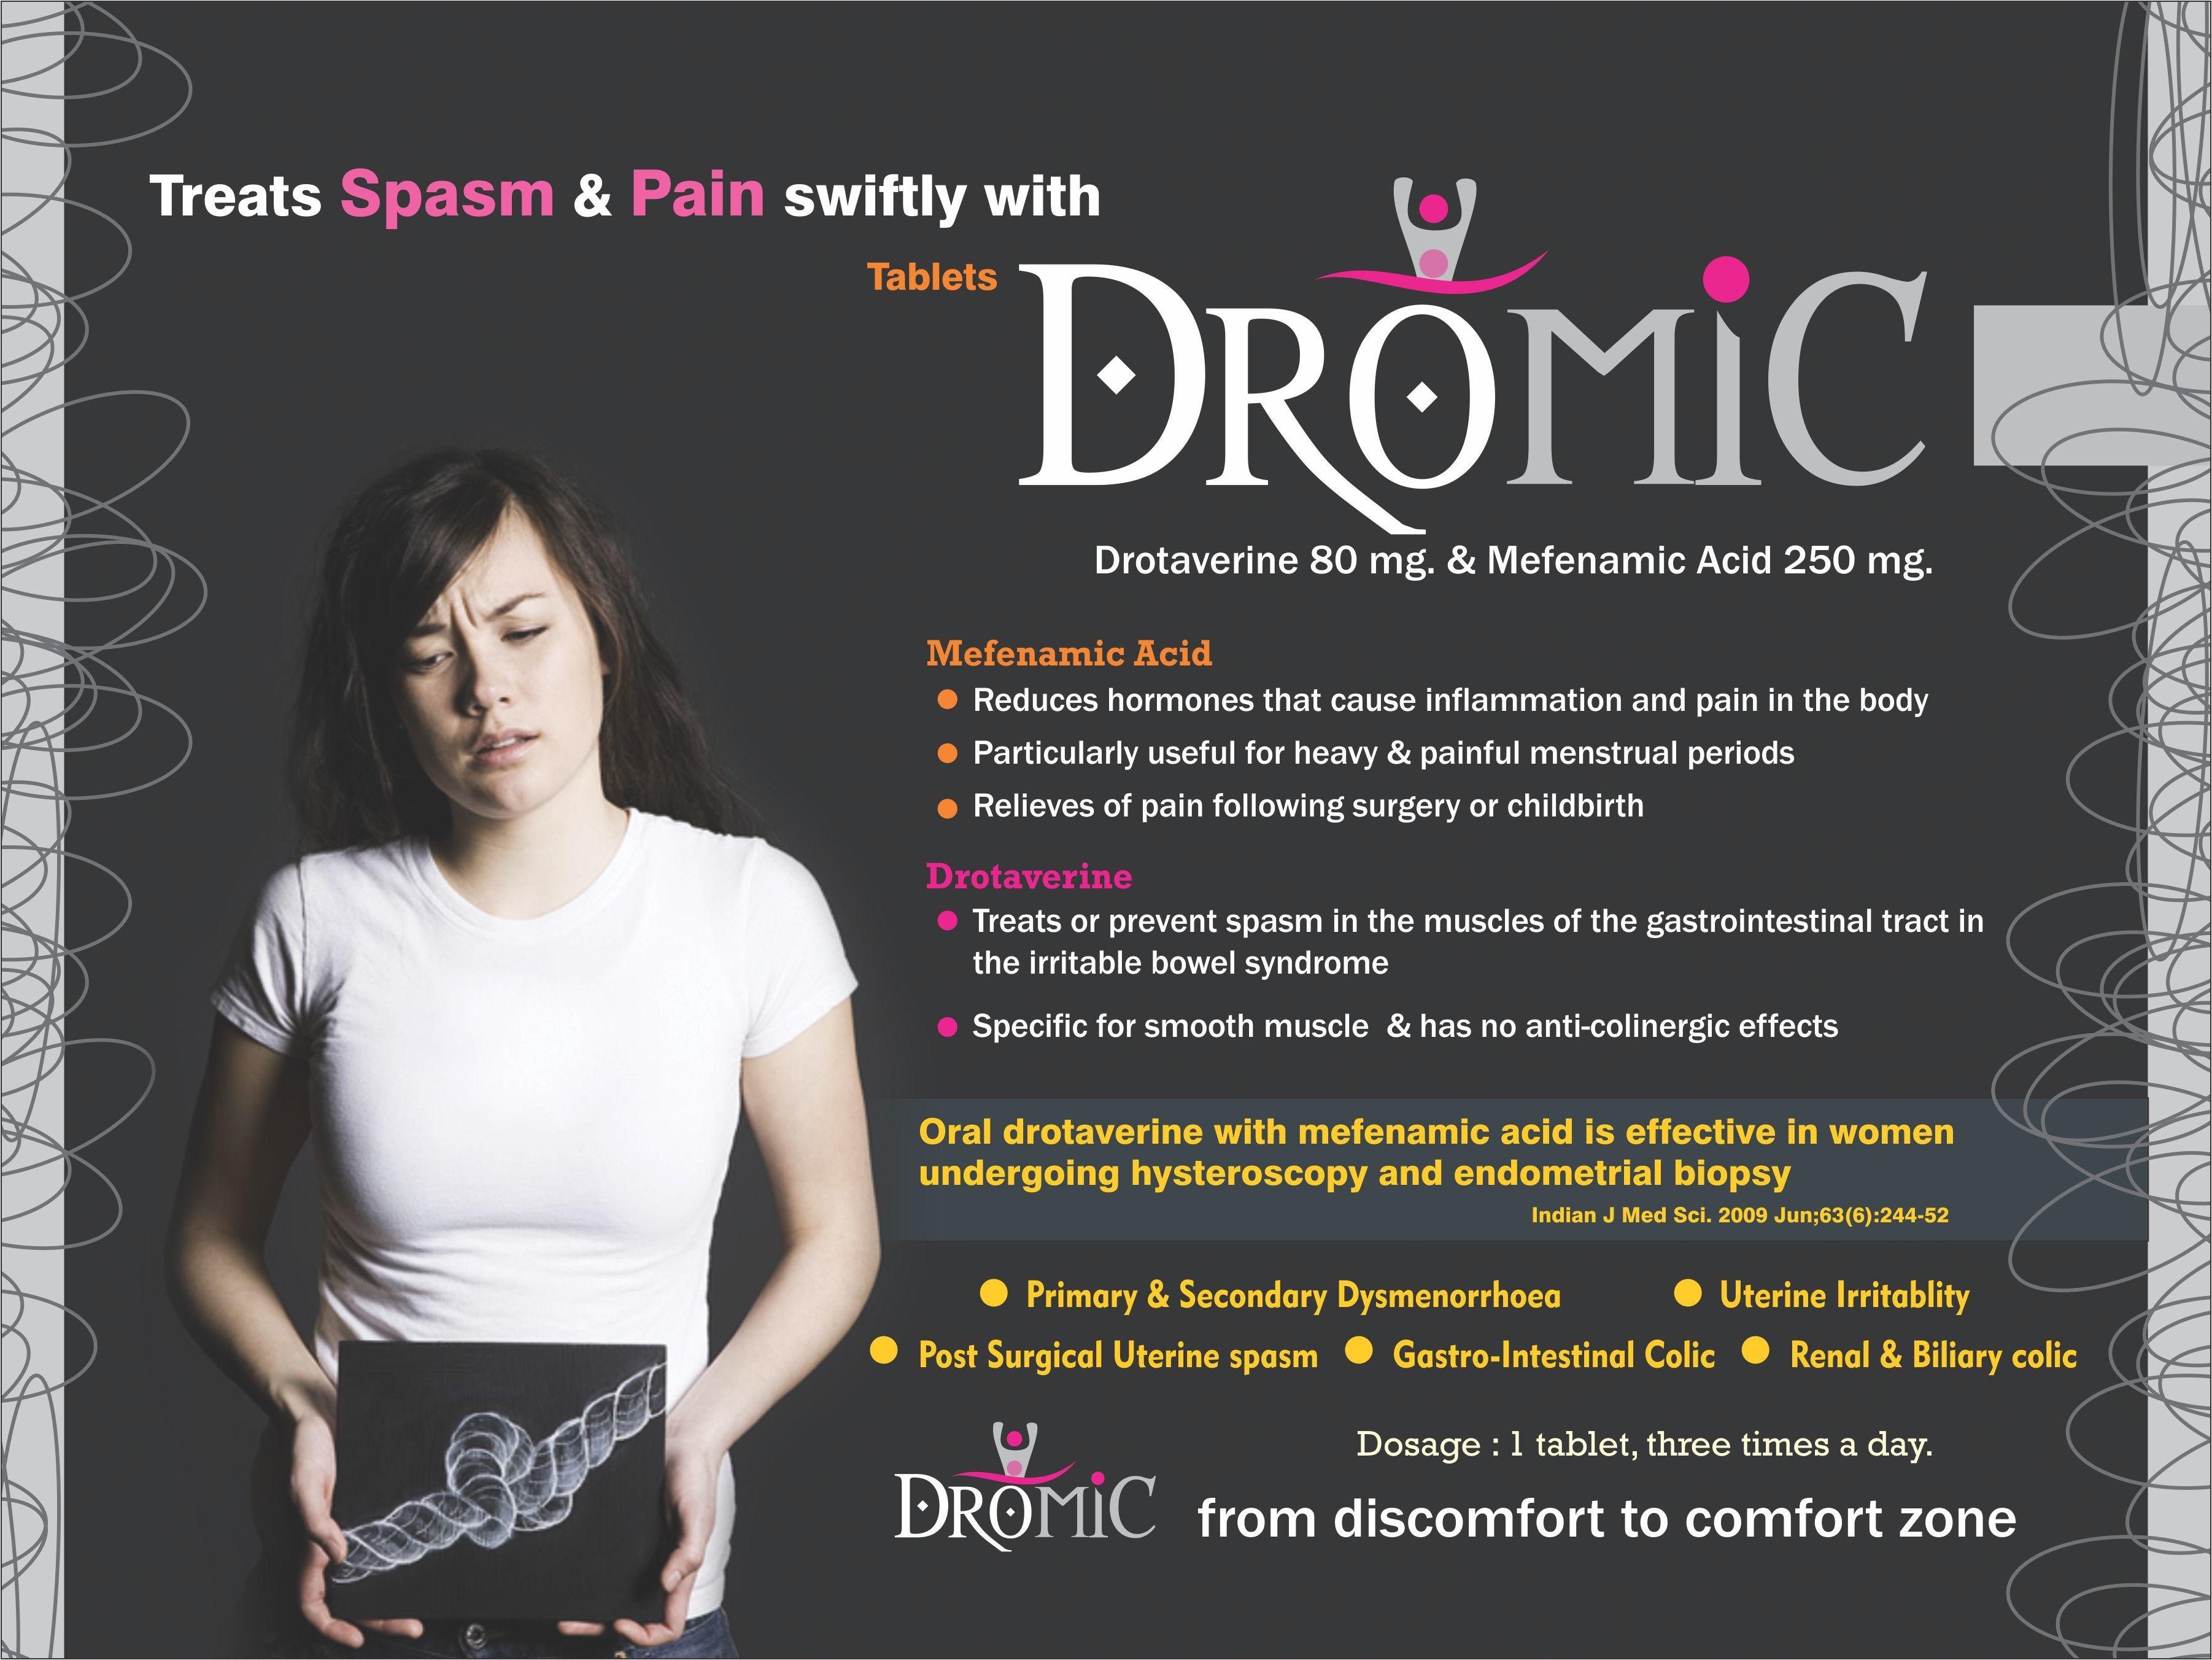 Drotaverine 80 mg & Mefenamic Acid 250 mg Tablets